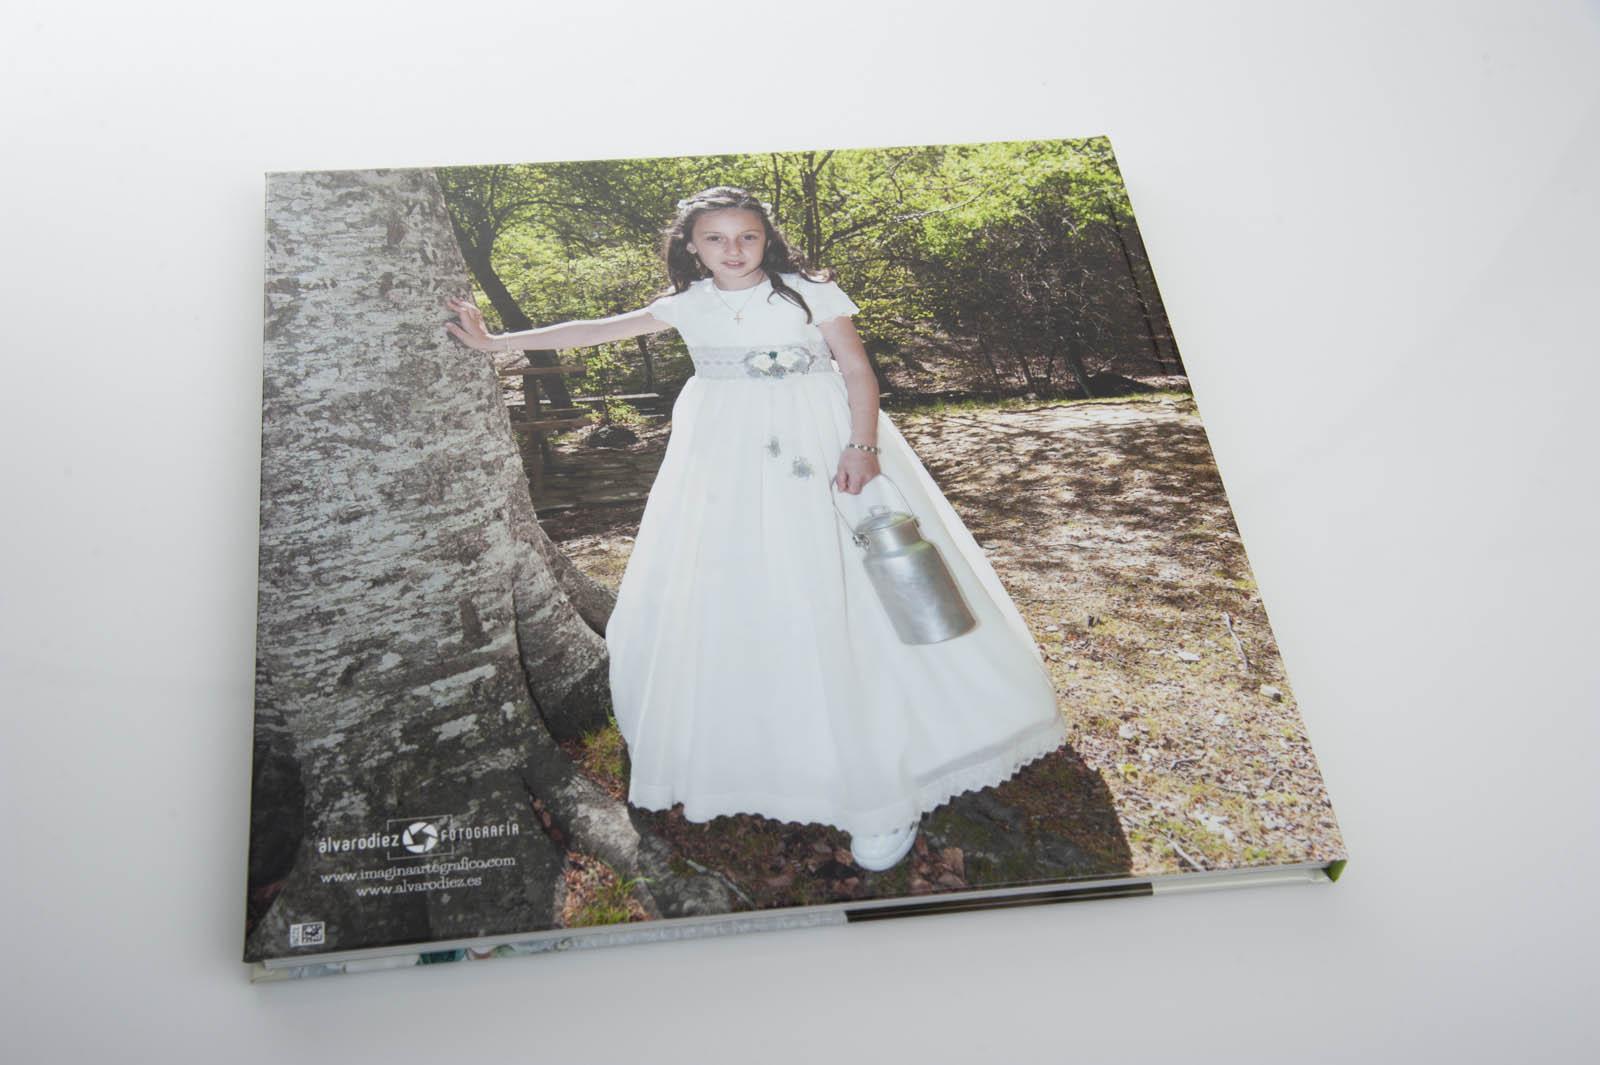 Reportajes fotográficos 1ª Comunión - Imagina ARte Gráfico